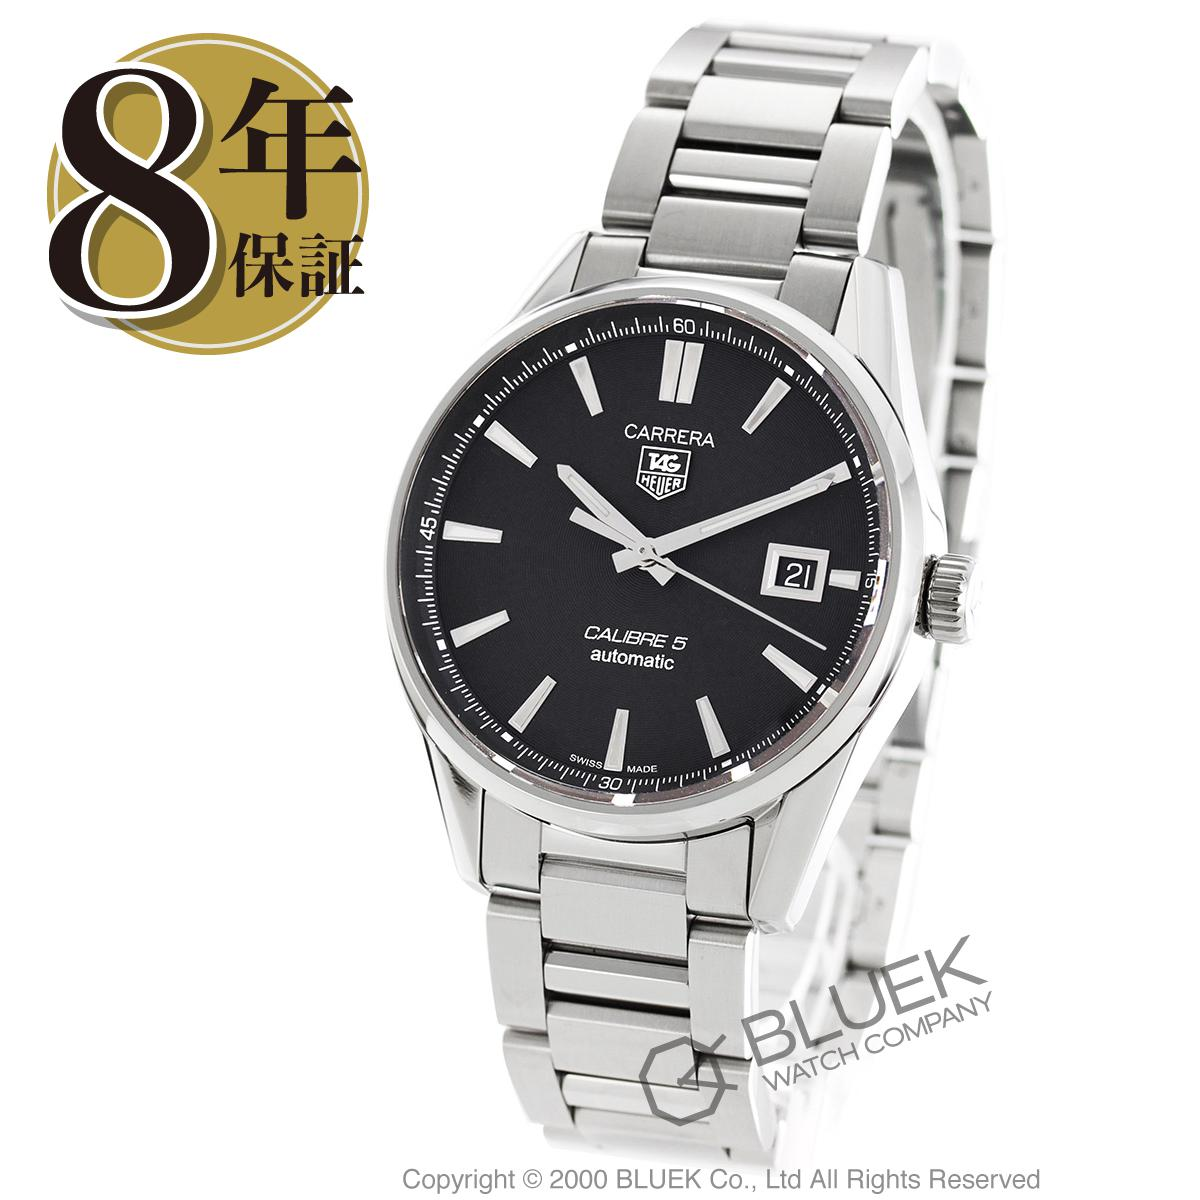 【3,000円OFFクーポン対象】タグホイヤー カレラ 腕時計 メンズ TAG Heuer WAR211A.BA0782_8